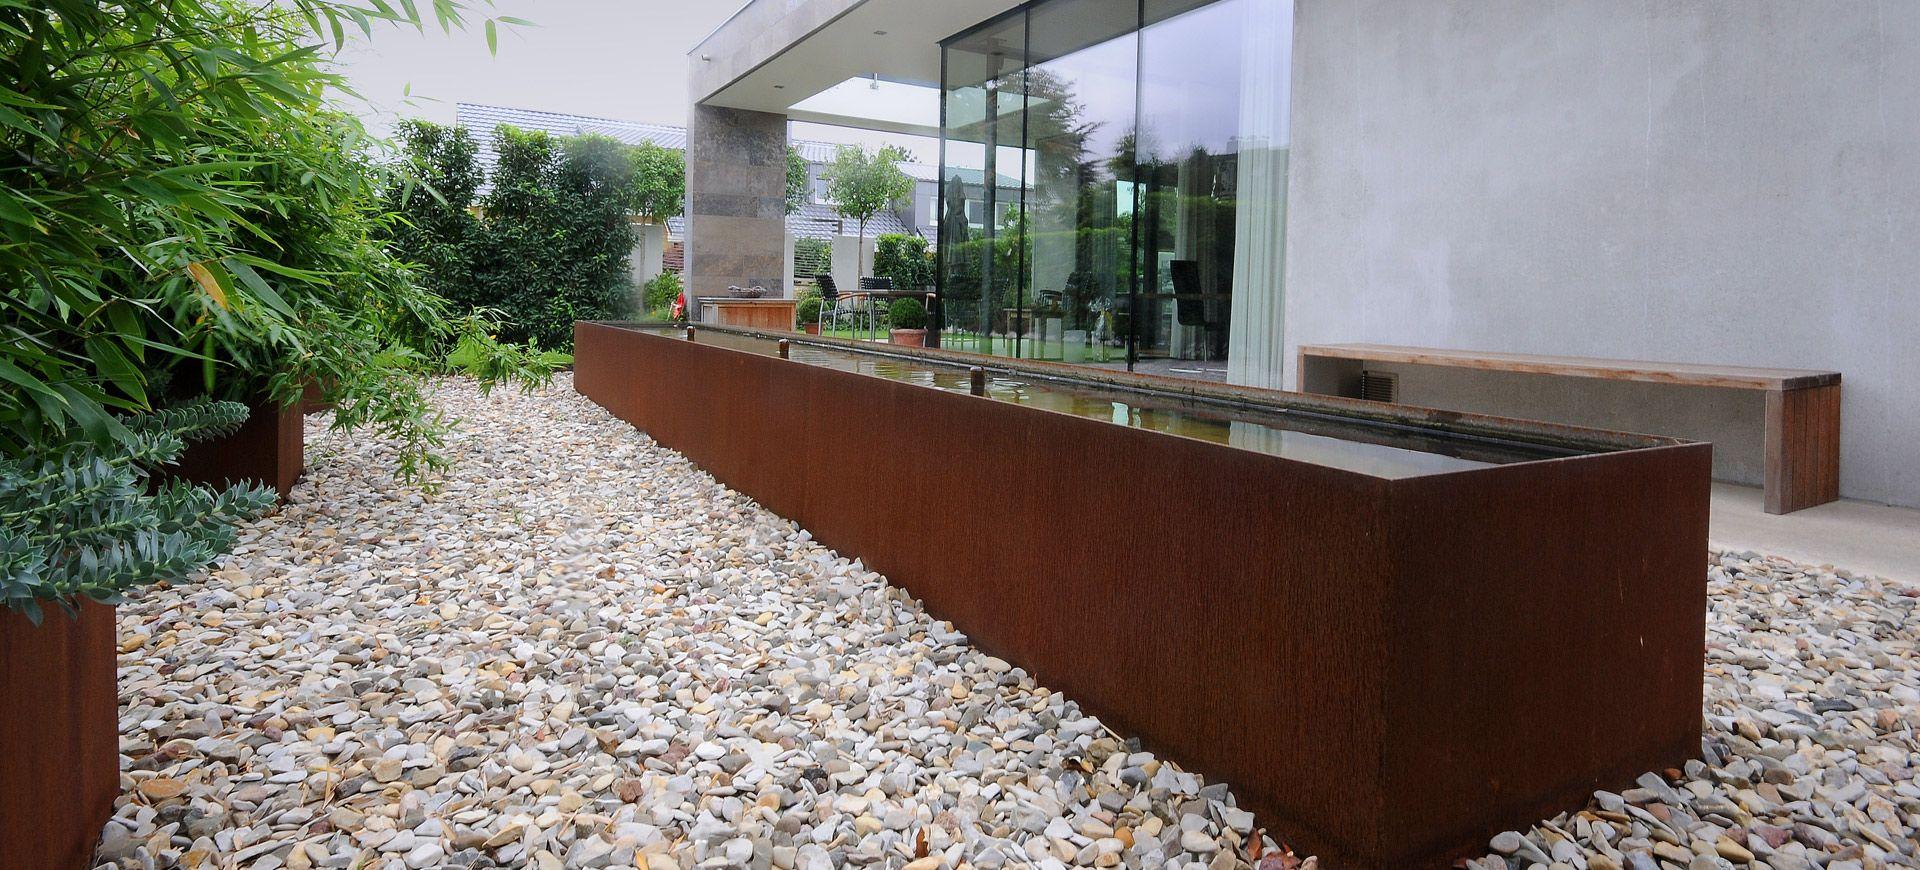 garten cortenstahl google suche terrasse pinterest cortenstahl suche und google. Black Bedroom Furniture Sets. Home Design Ideas